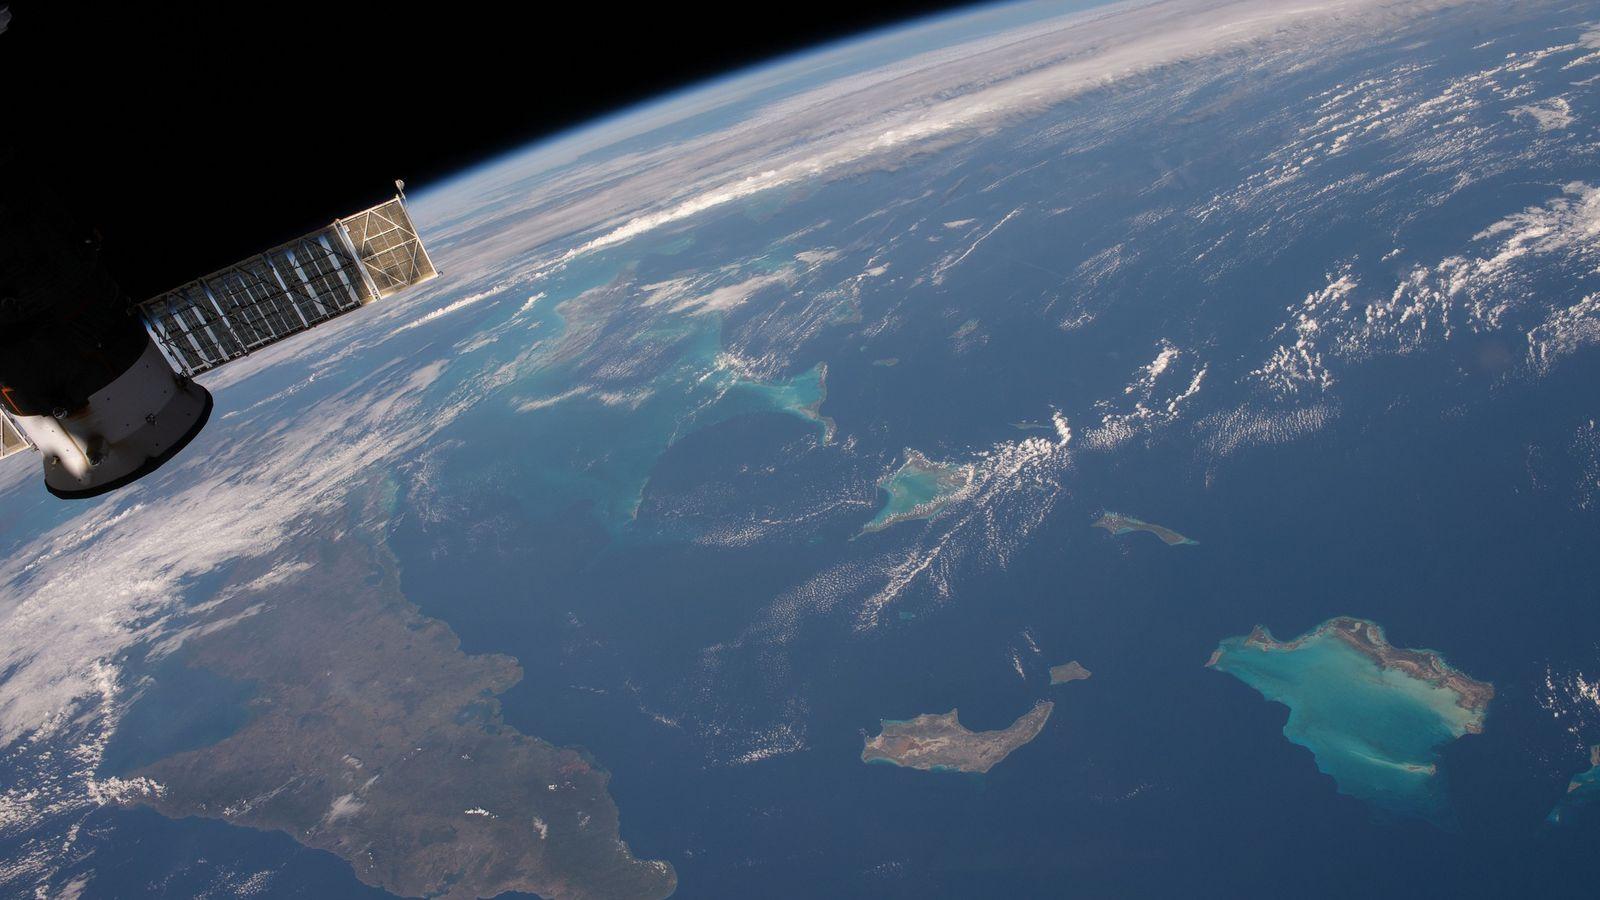 Vista das Caraíbas da Estação Espacial Internacional.